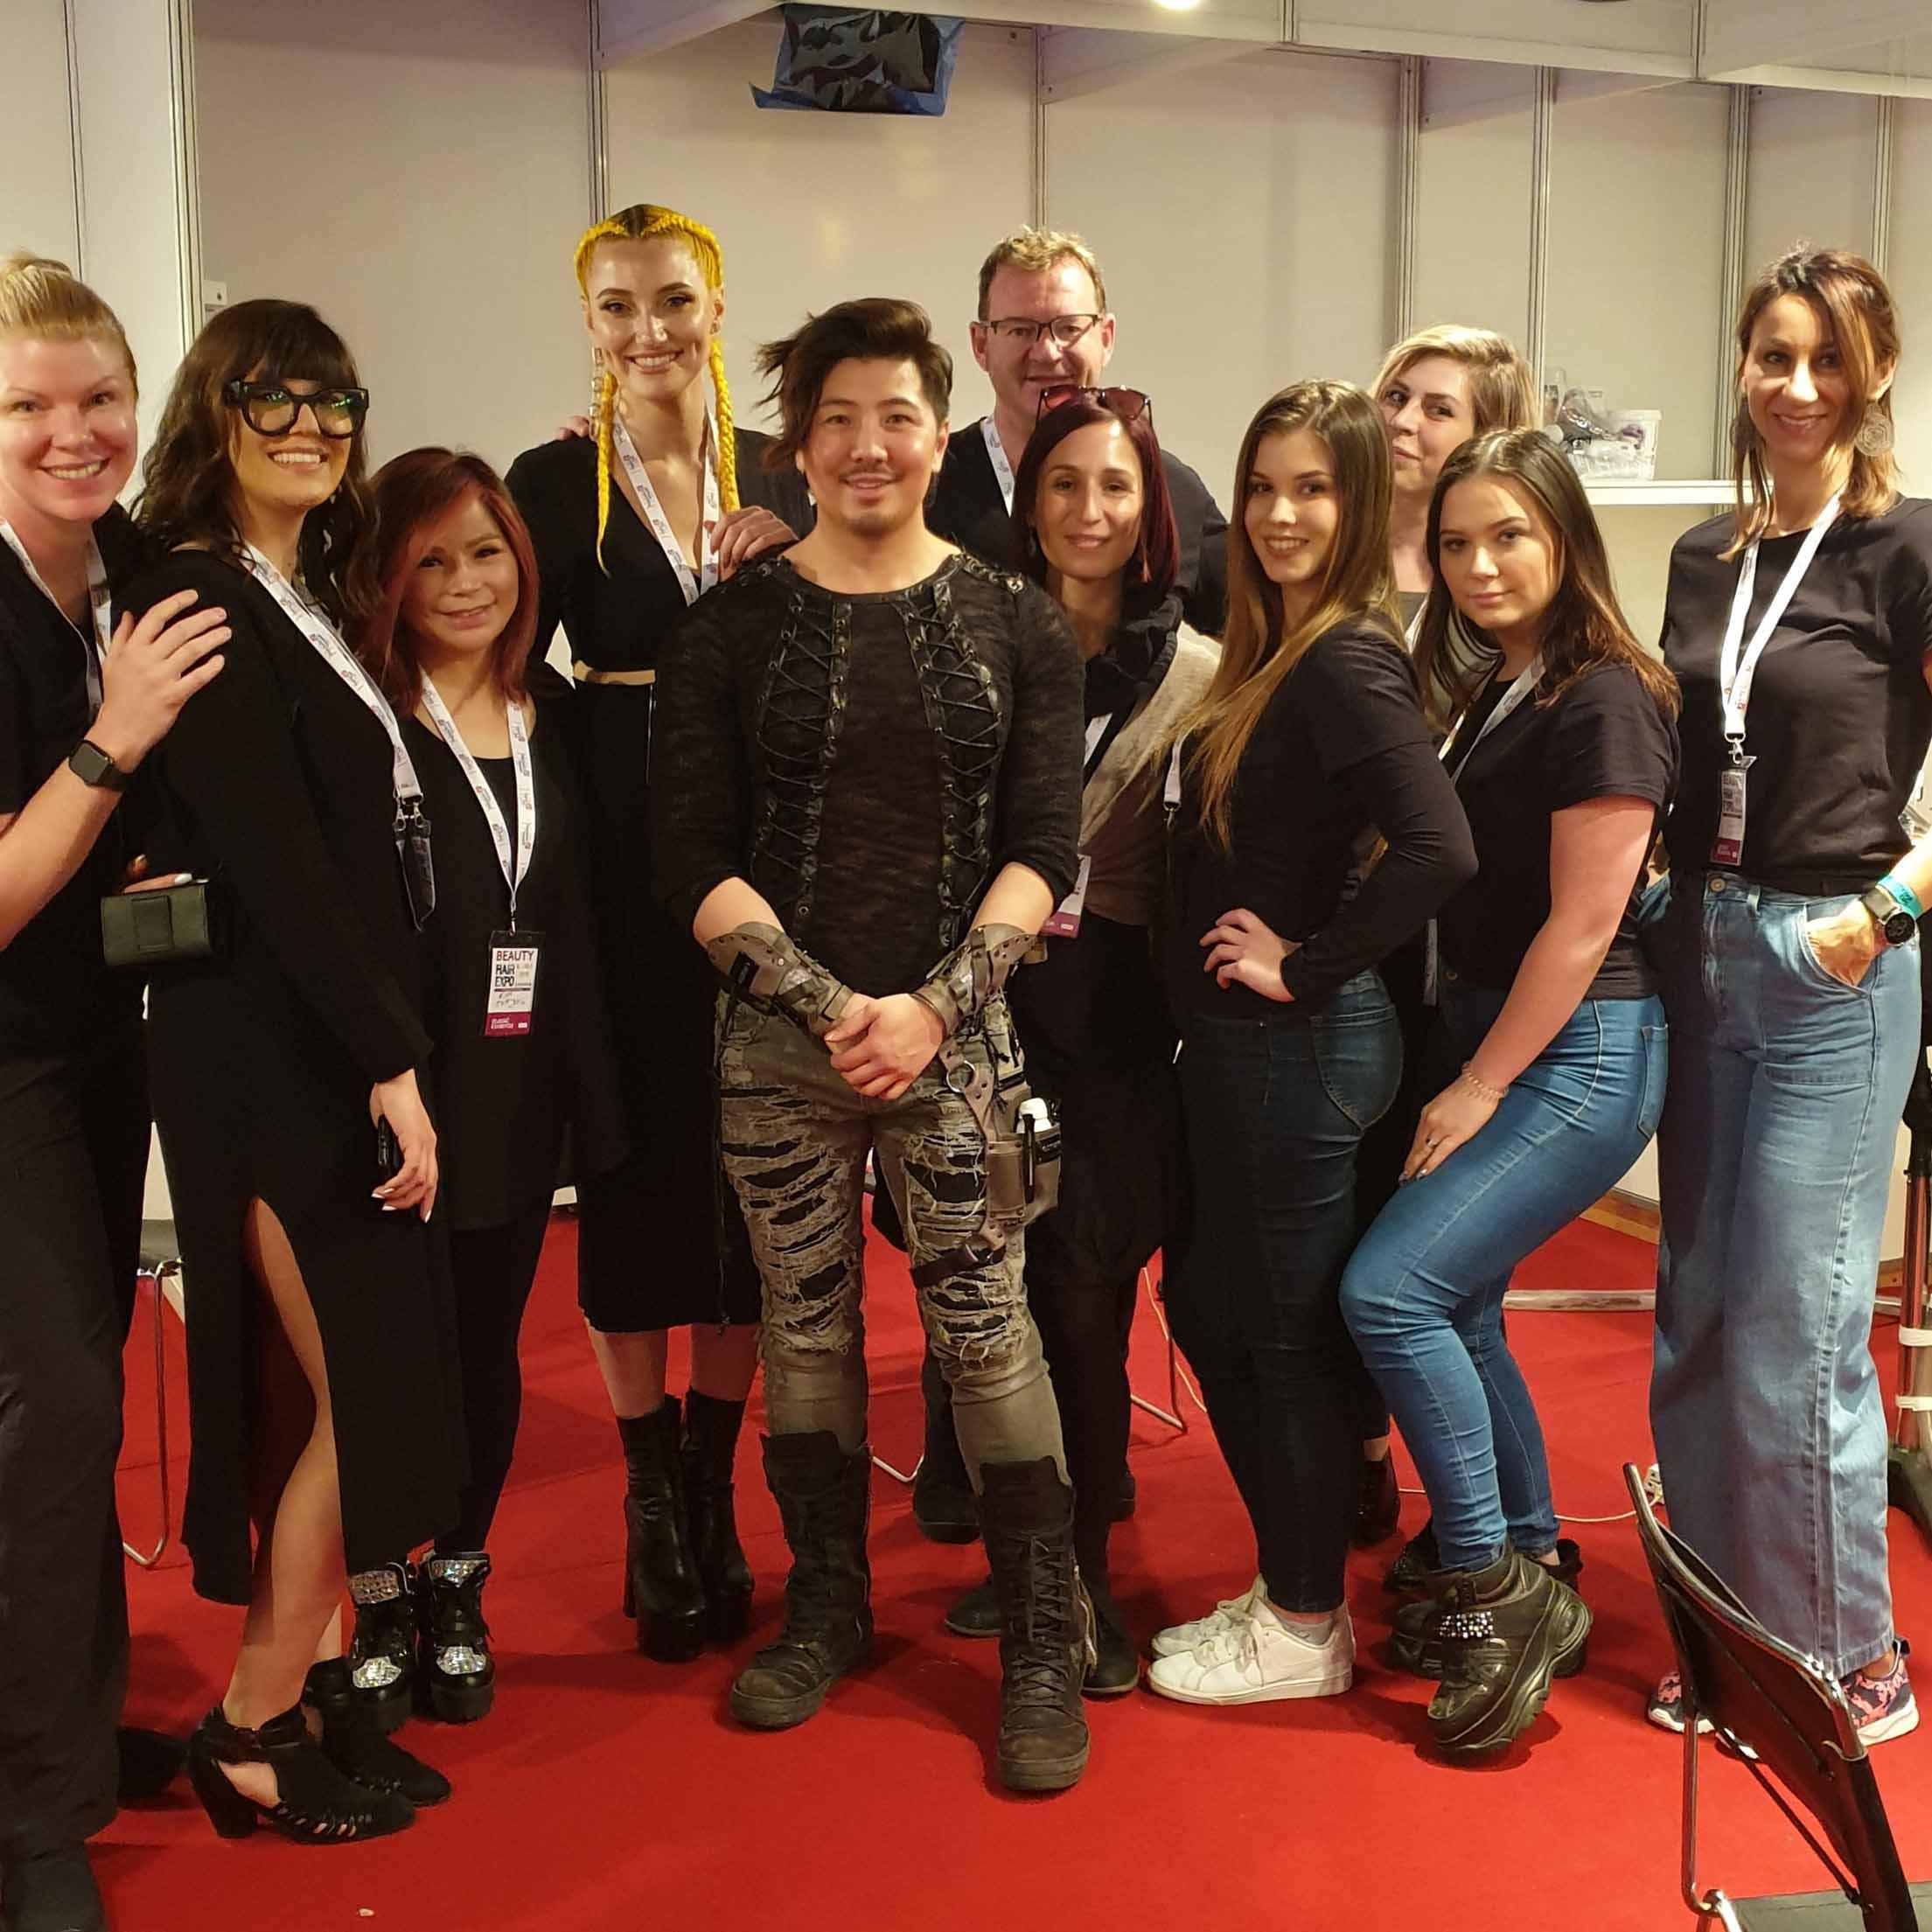 HAIR EXPO ZAGREB 2019: Callegarijeve polaznice šminkaju modele za GUY TANGA, TONI&GUY i KANSO